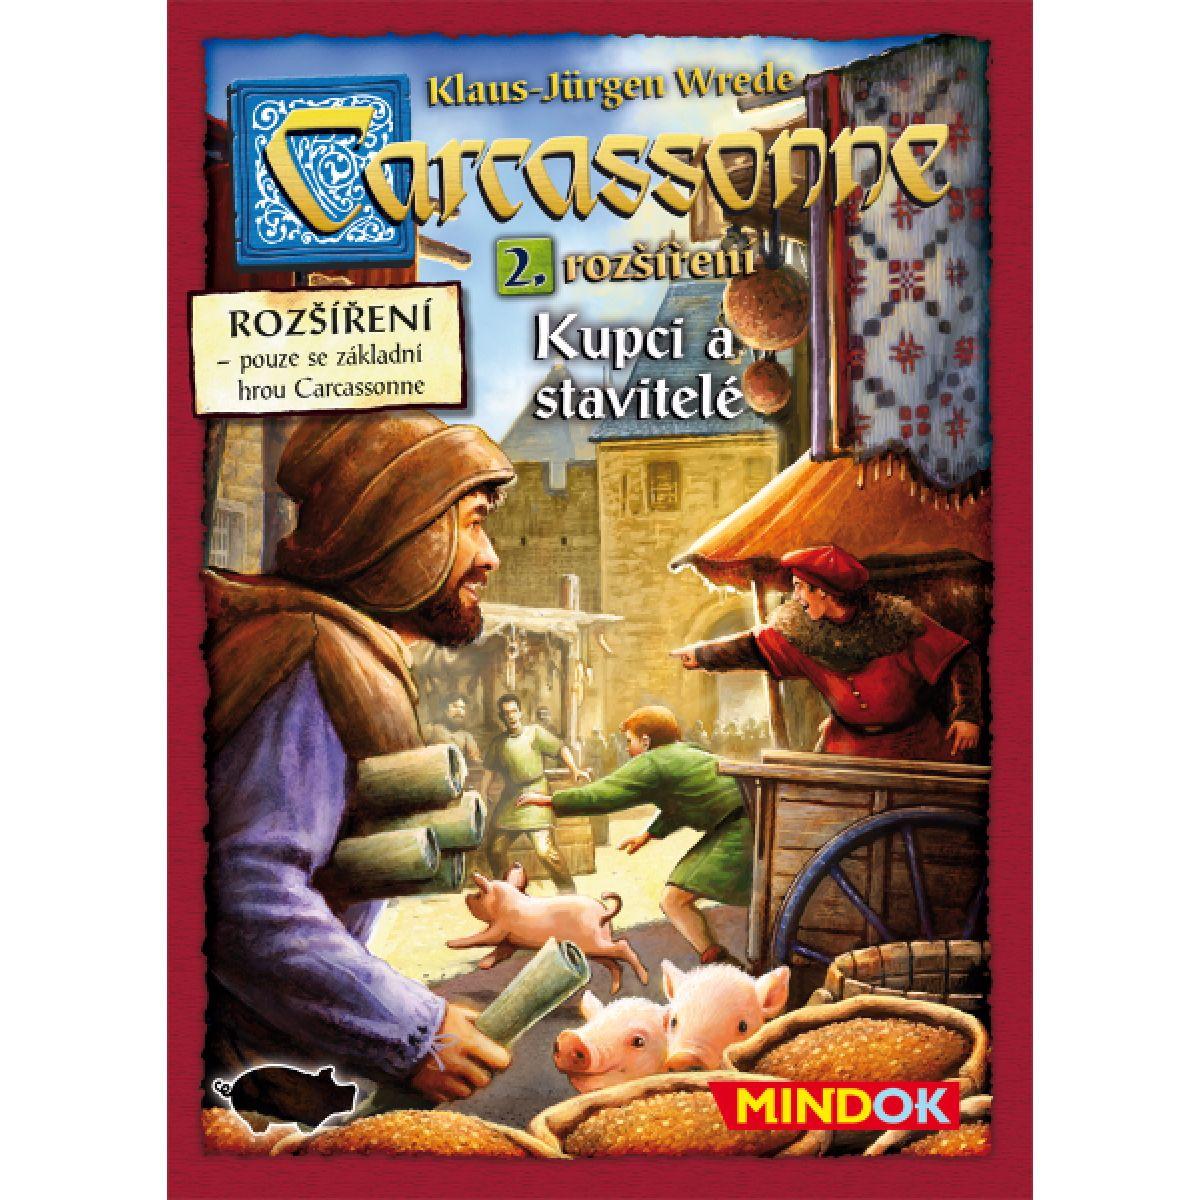 Mindok Carcassonne 2. rozšíření Kupci a stavitelé